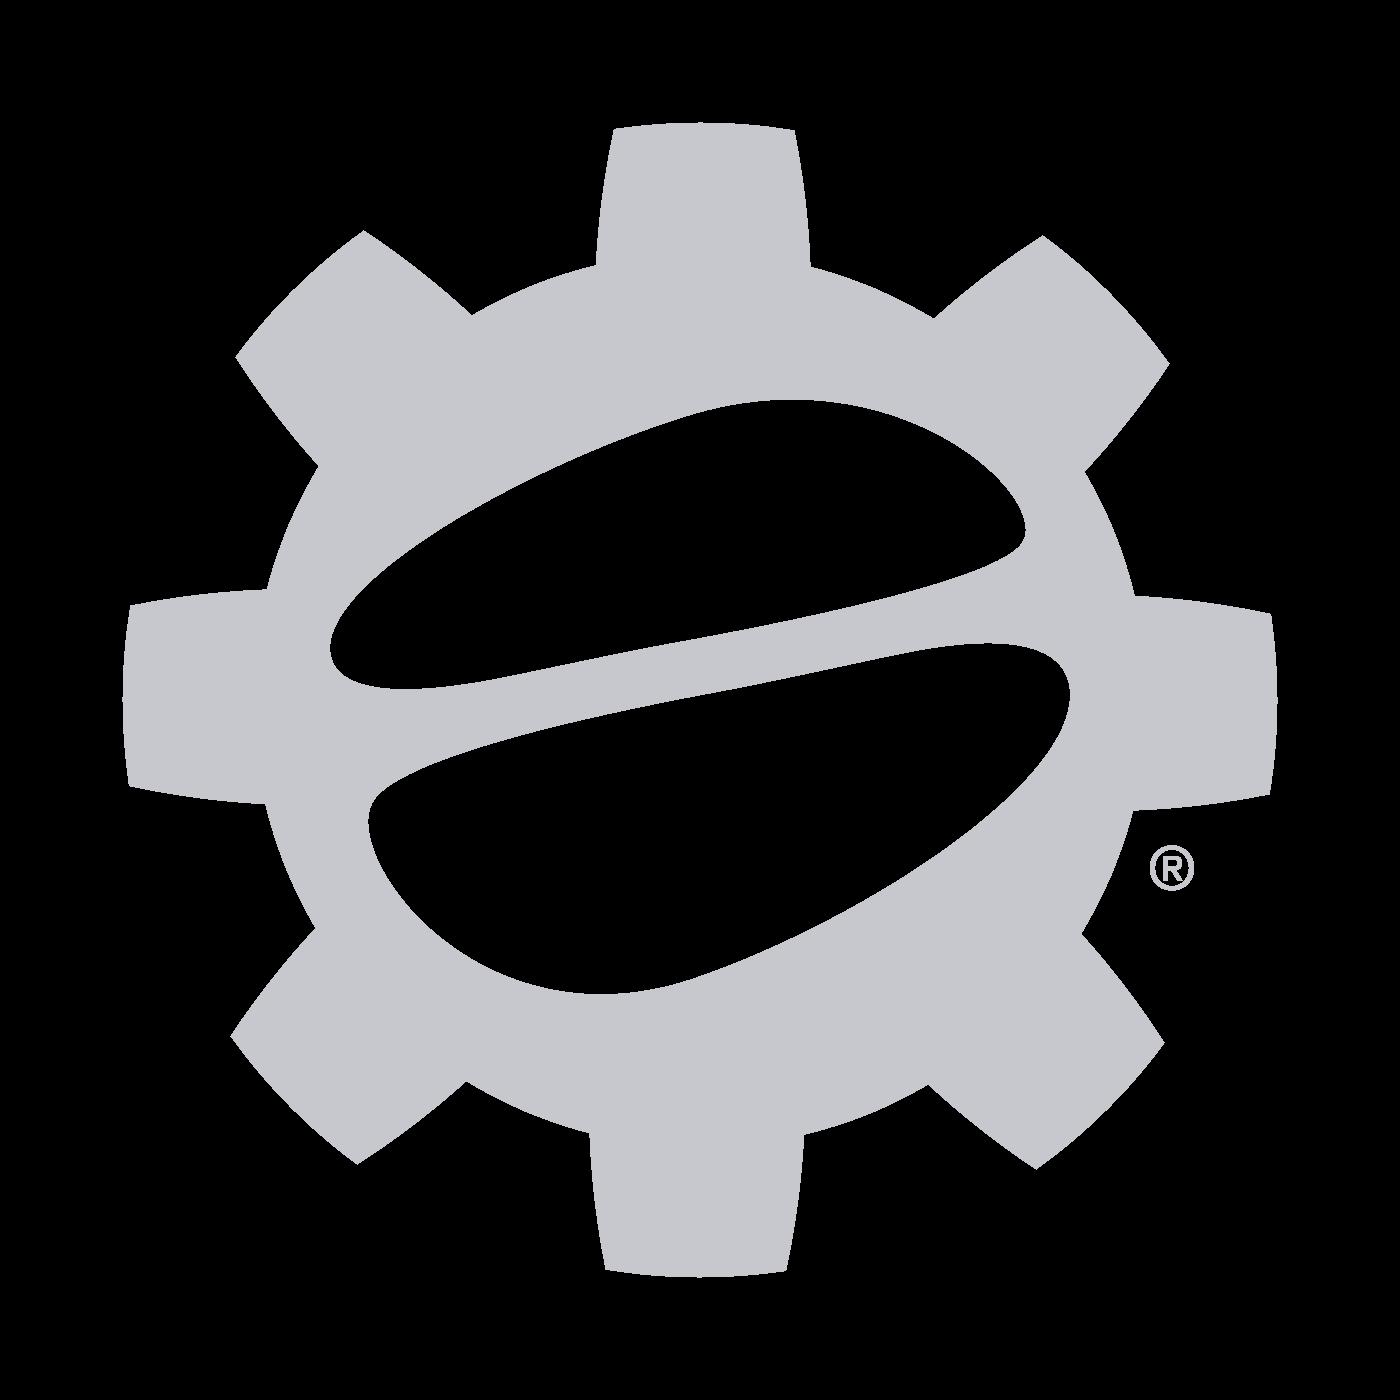 La Marzocco Linea AV Commercial Espresso Machine